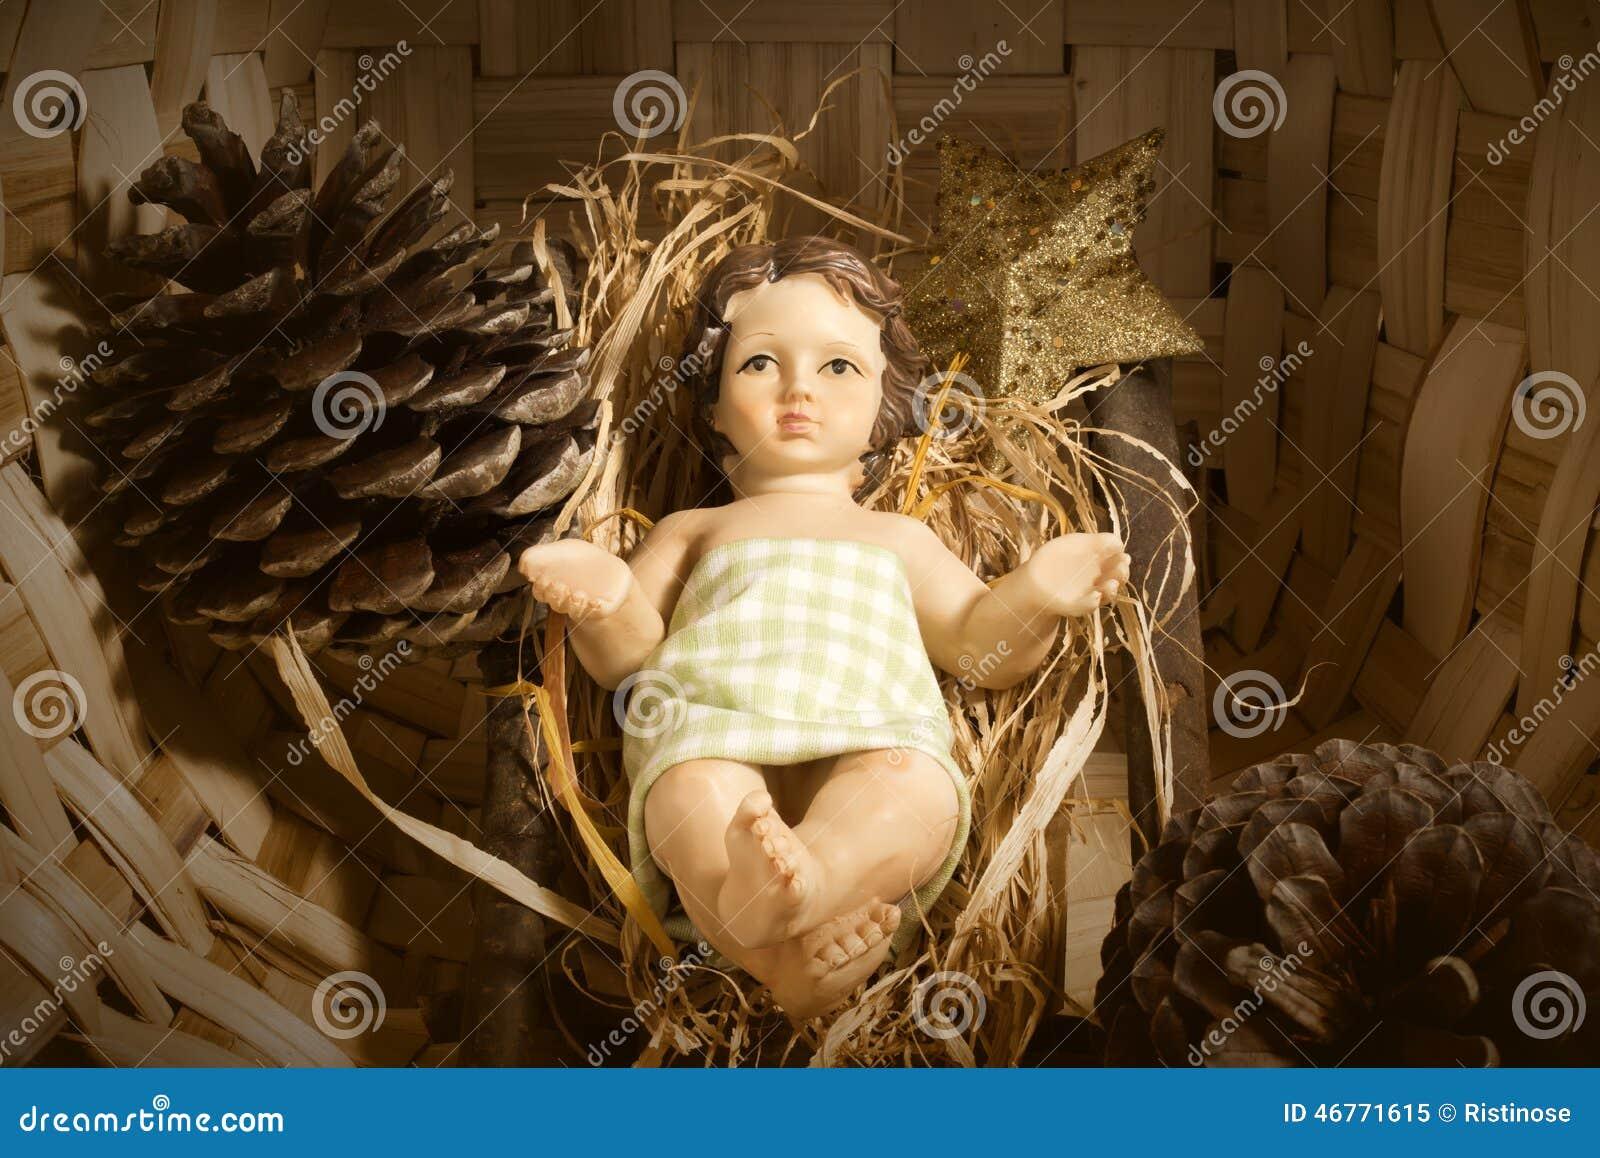 小儿床圣诞卡的小耶稣